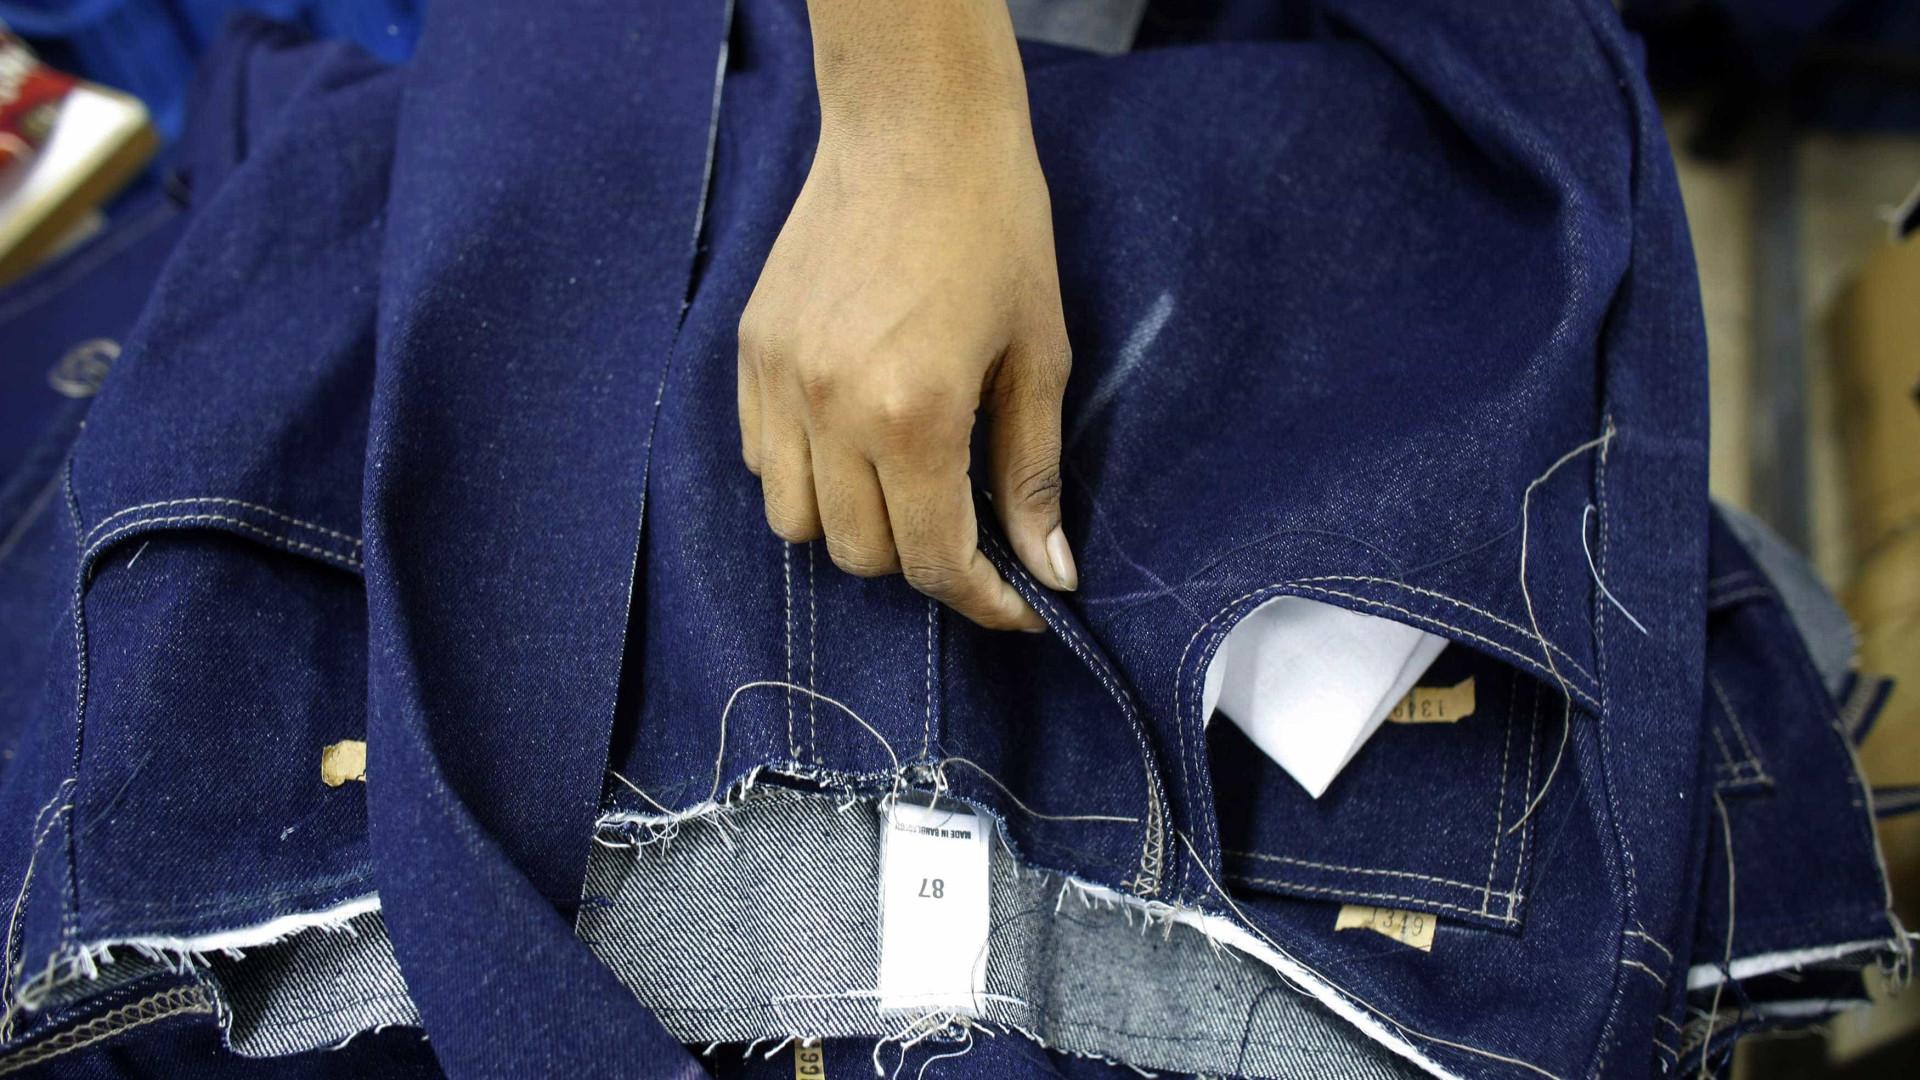 Europa aprova tarifas contra EUA em produtos como uísque, jeans e motos